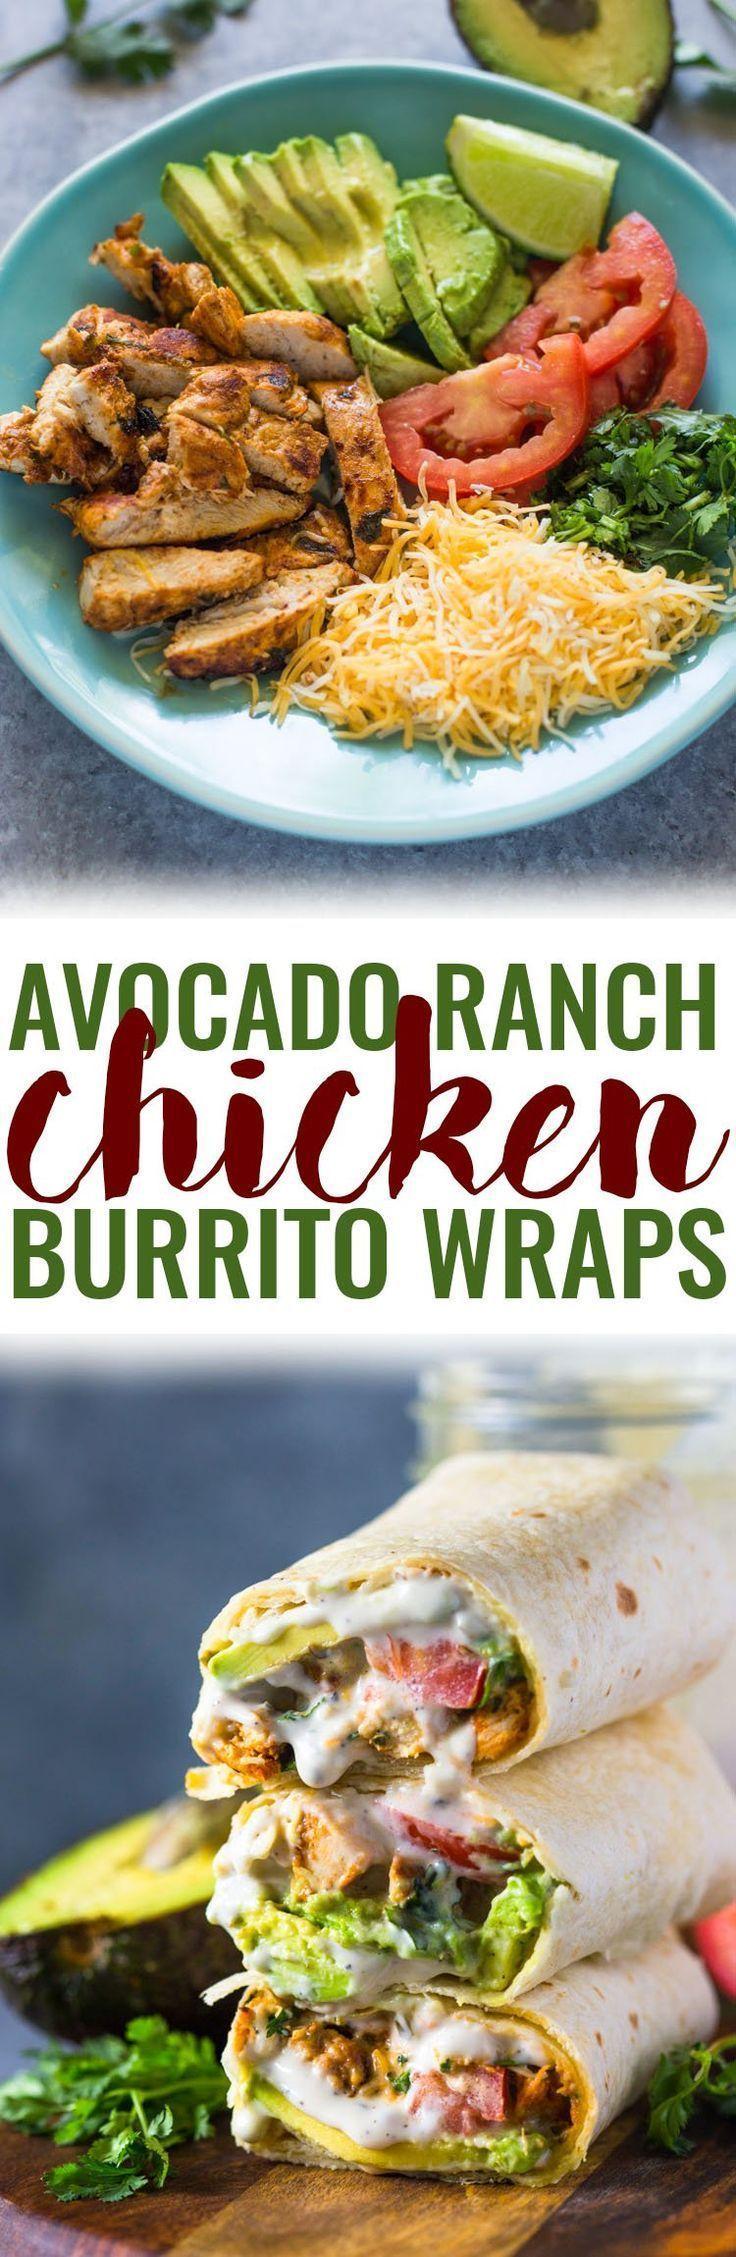 Avocado Ranch Chicken Burrito Wraps  #avocado #burrito #chicken #ranch #wraps #avocadoranch Avocado Ranch Chicken Burrito Wraps  #avocado #burrito #chicken #ranch #wraps #avocadoranch